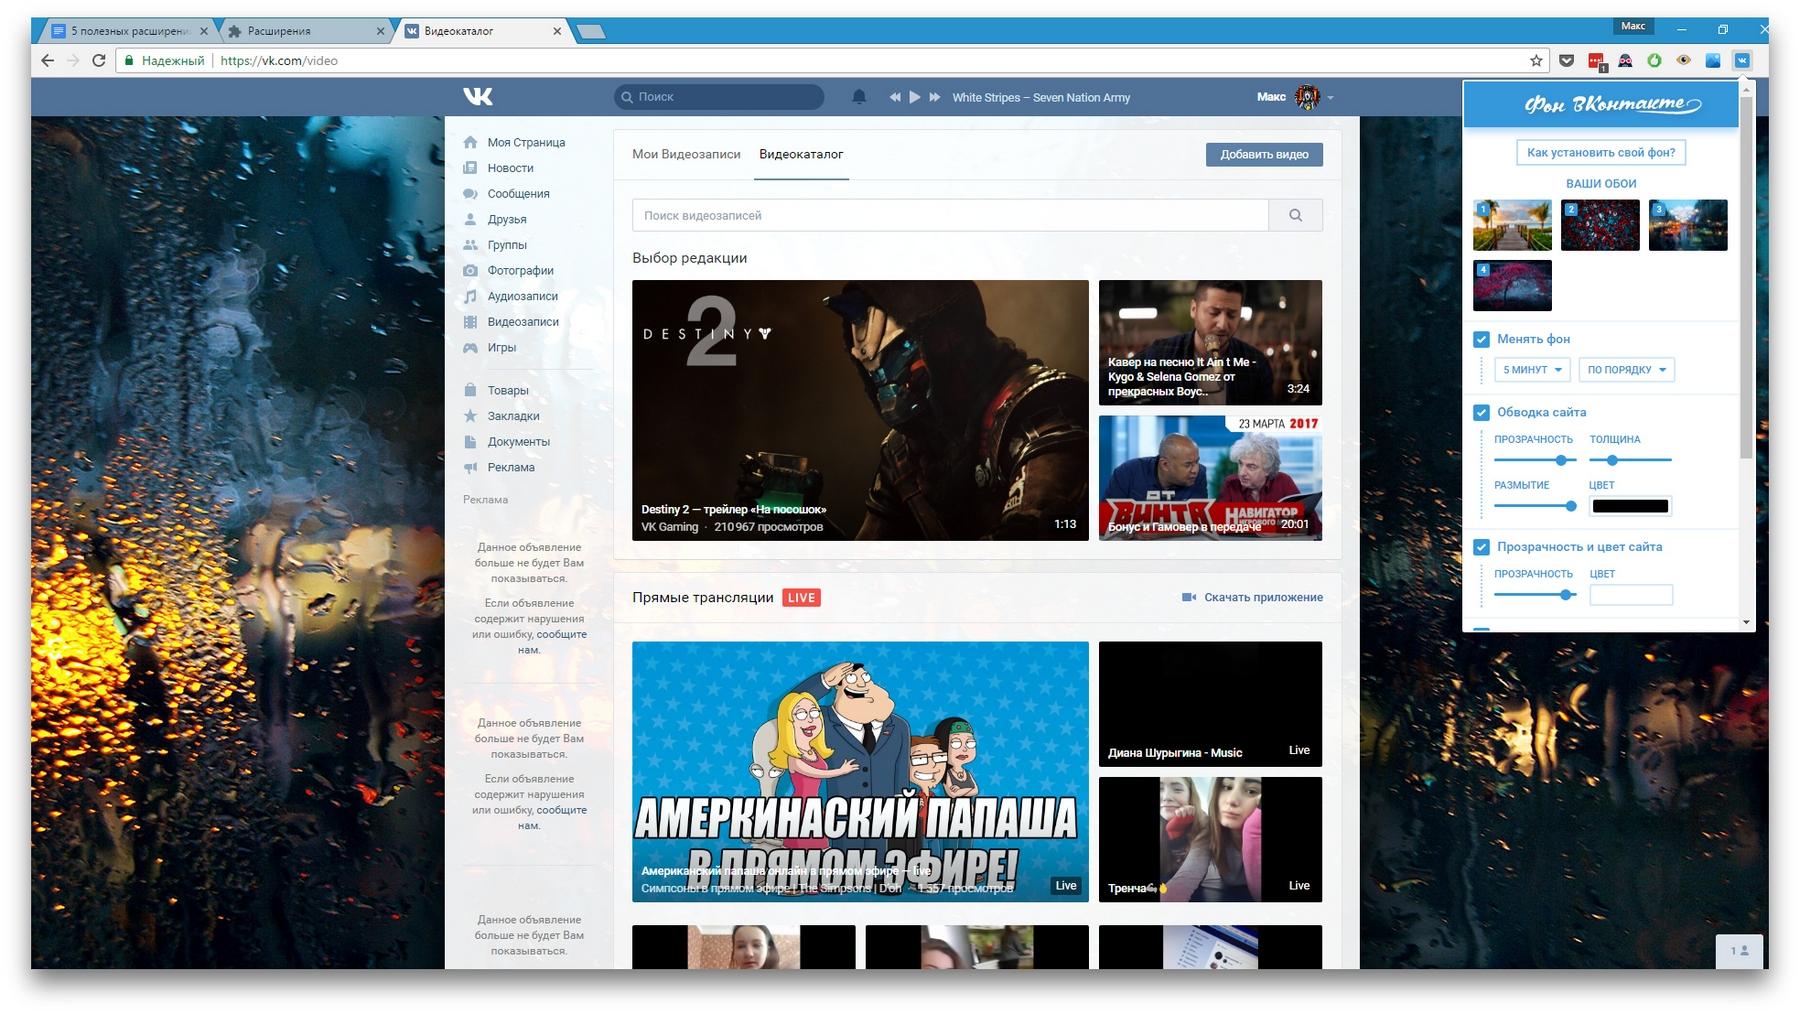 5 полезных расширений Chrome для «ВКонтакте» - Фон «ВКонтакте»